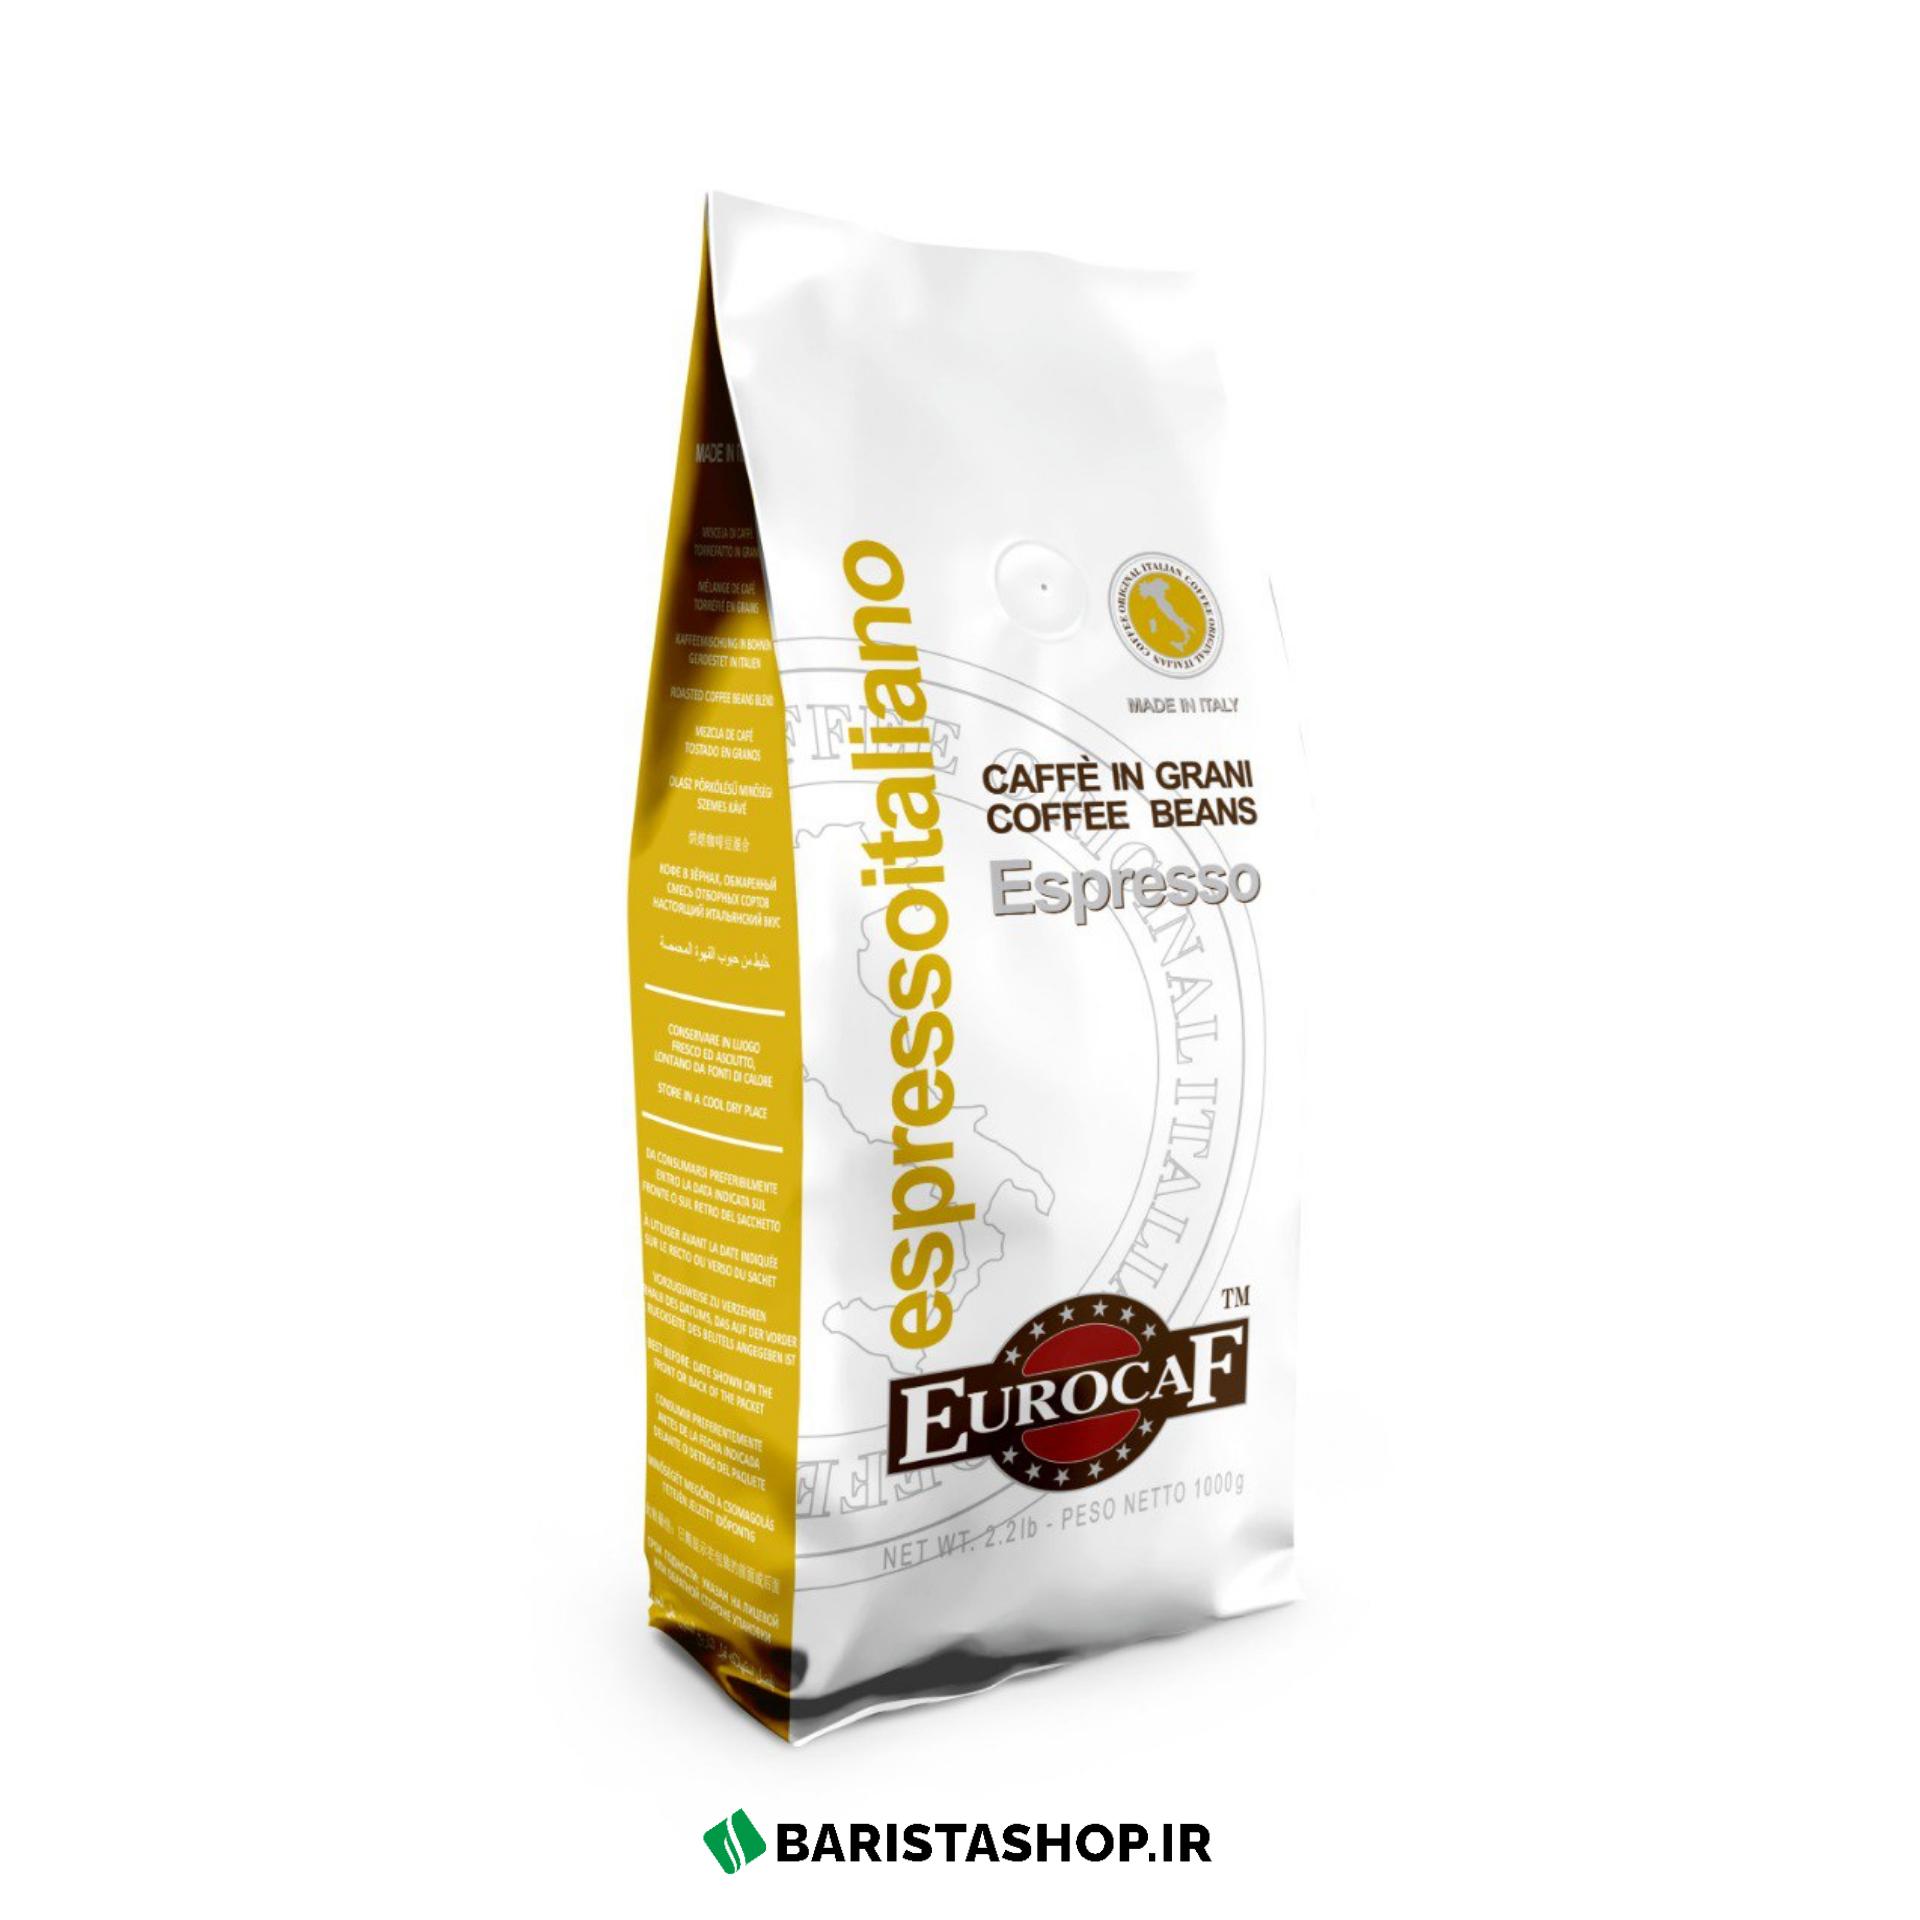 قهوه یوروکف اسپرسو ایتالیایی